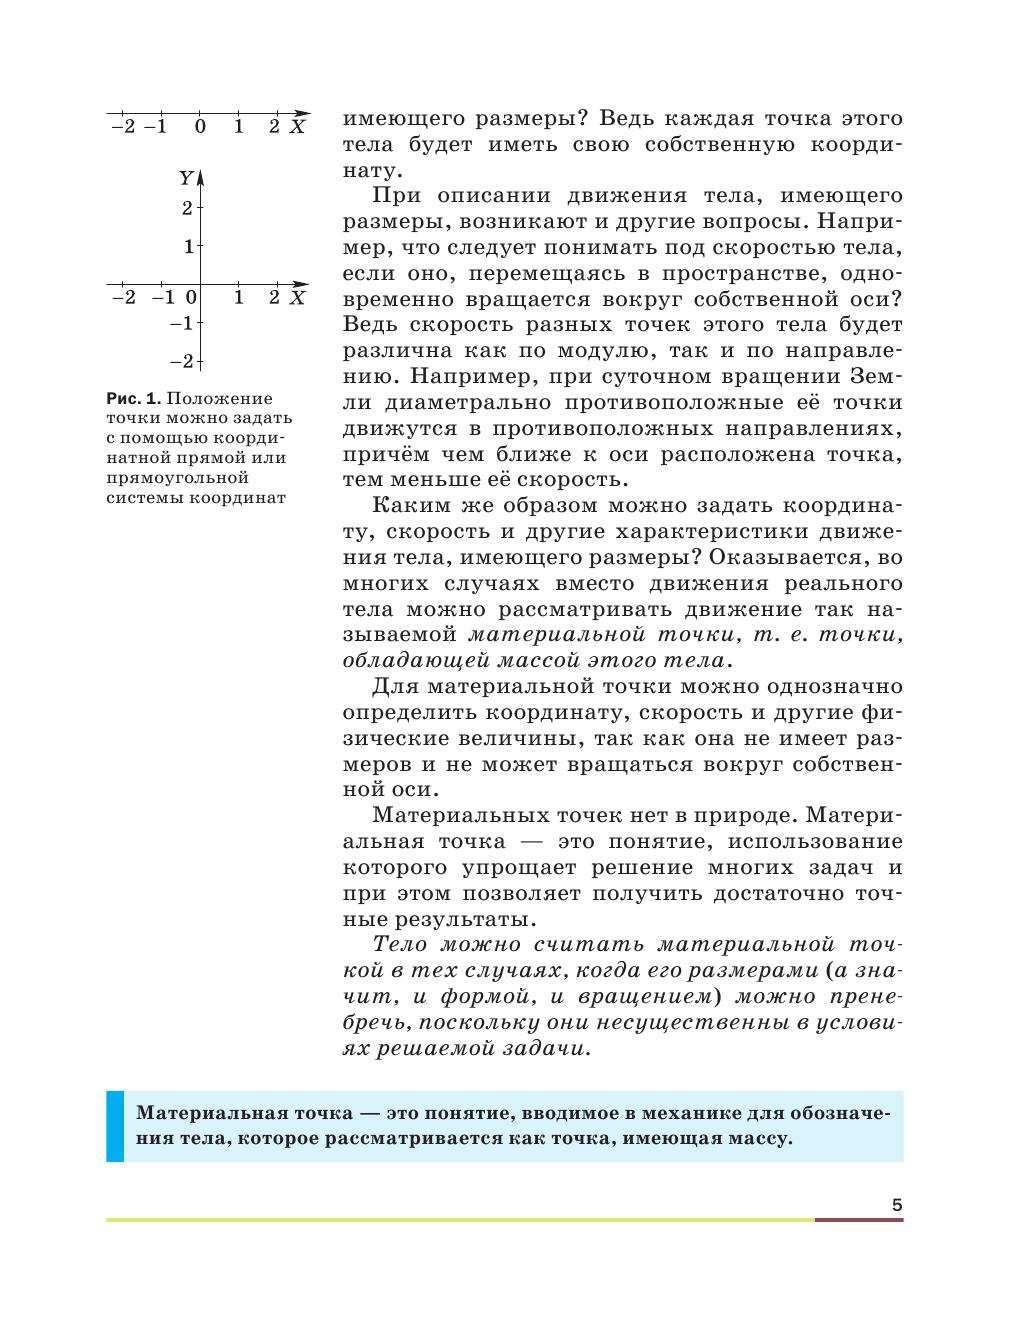 задачник по физике чертов воробьев 2001 pdf